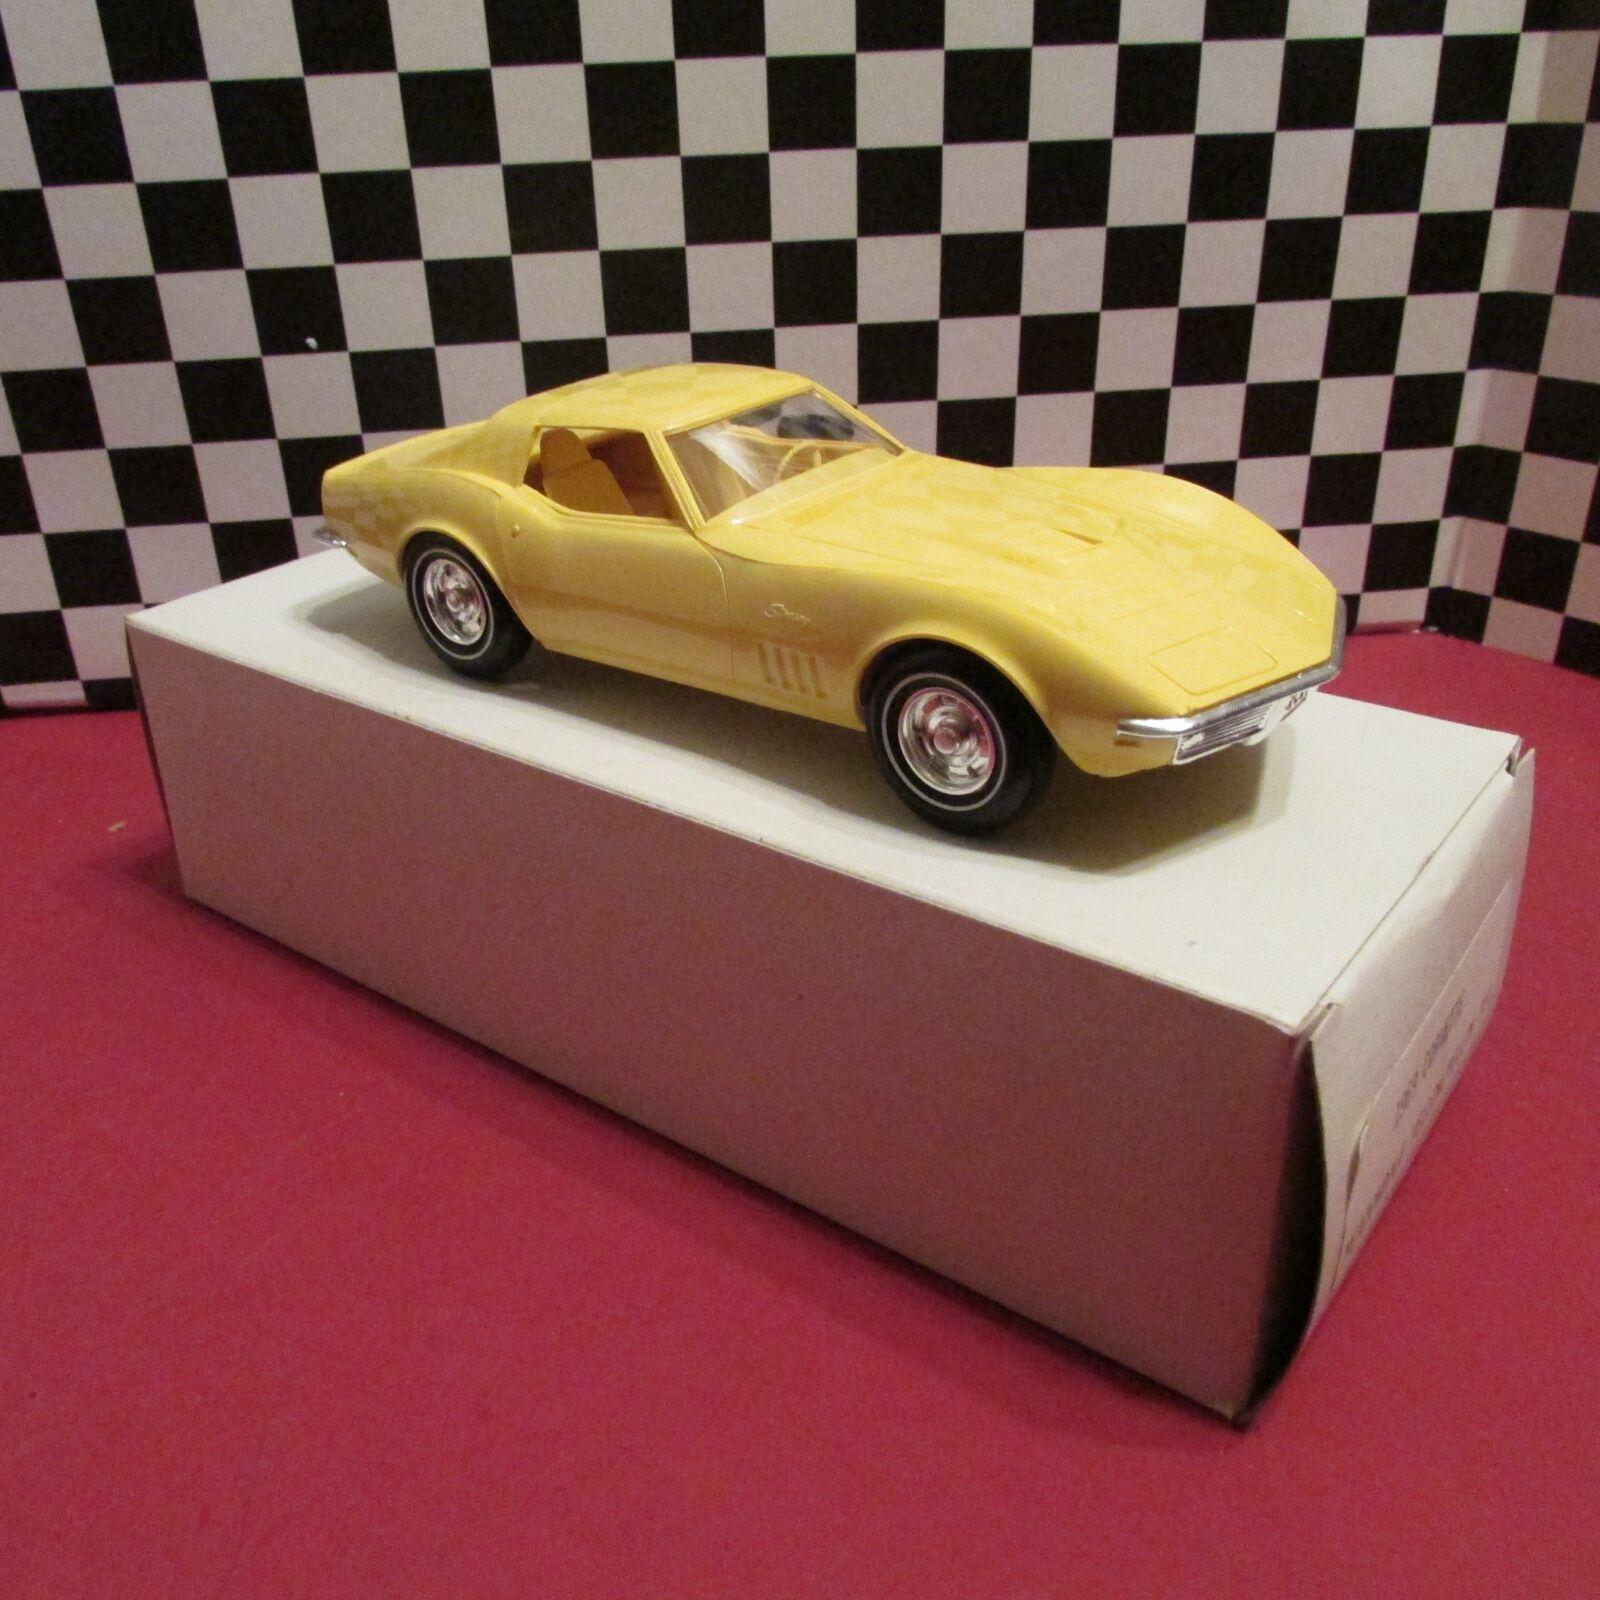 1969 Chevrolet Corvette, Corvette, Corvette, distribuidor 1   25, promoción de Cocheros, palanquín amarillo de mediana velocidad 29d